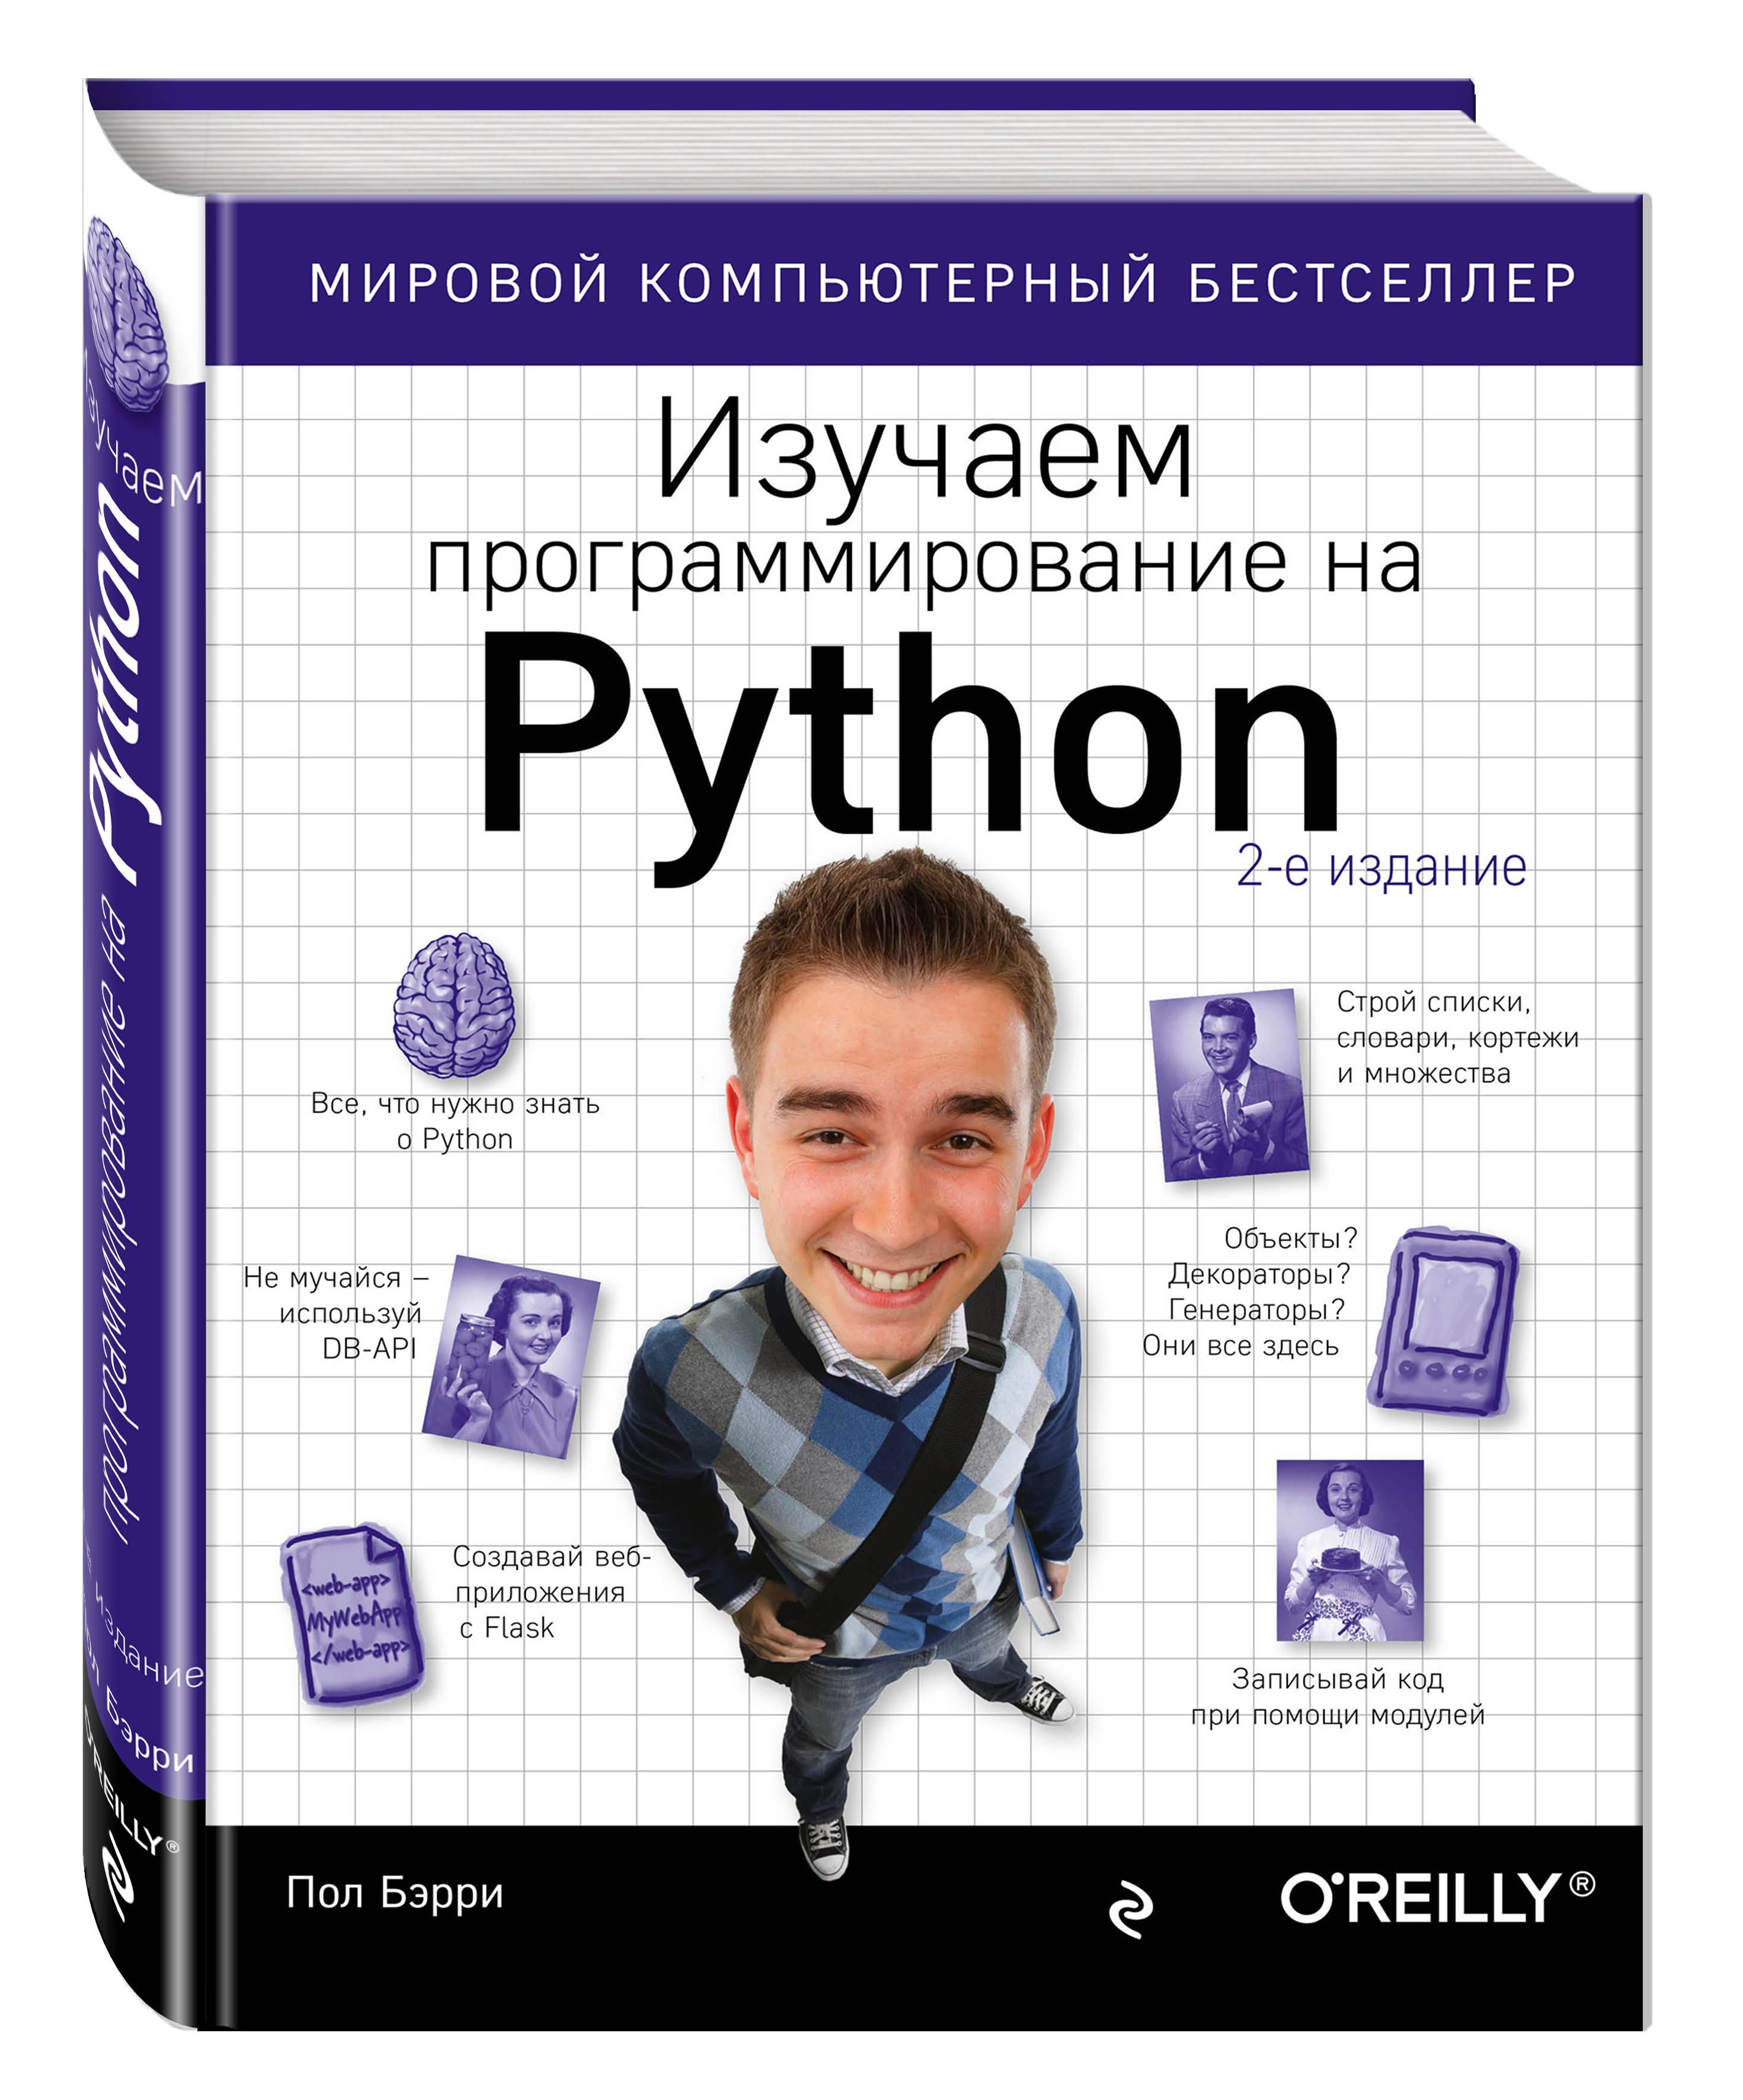 Бэрри П. Изучаем программирование на Python эрик фримен изучаем программирование на javascript